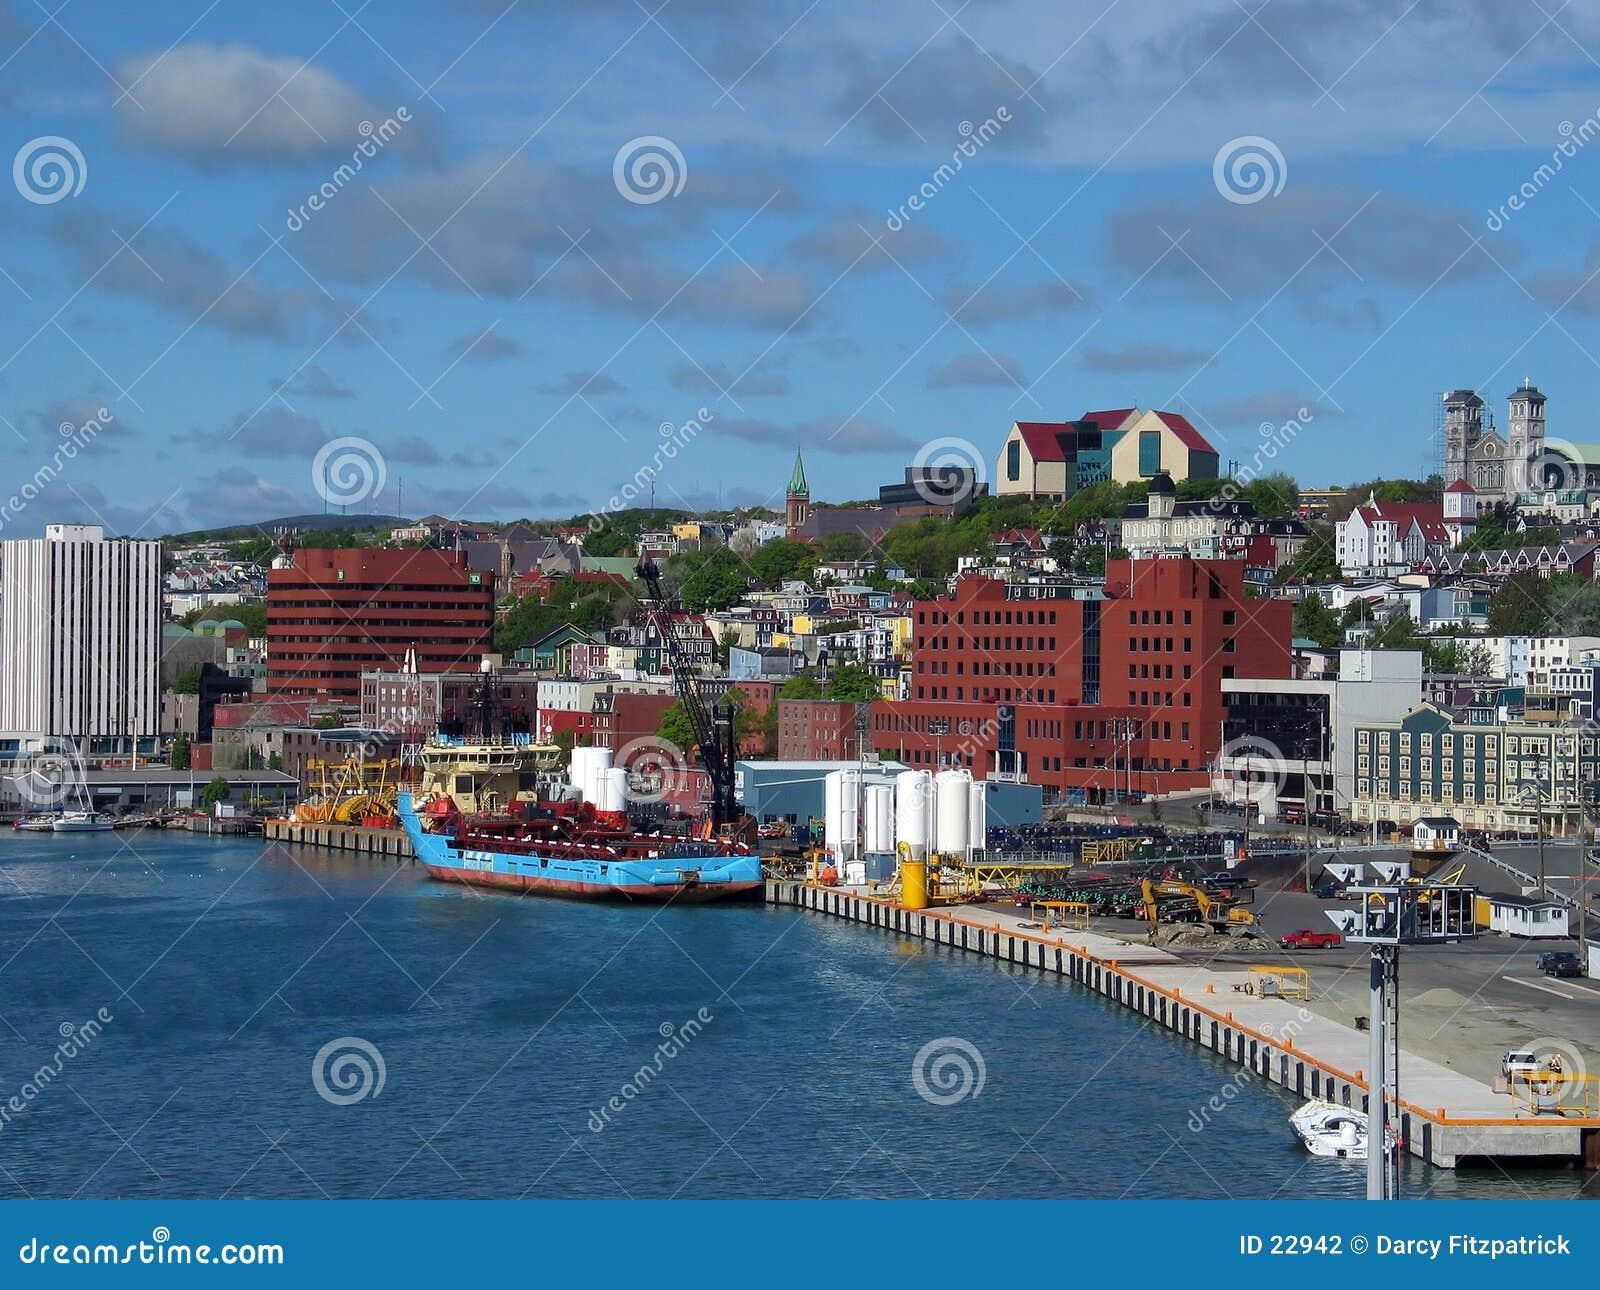 City Harborfront